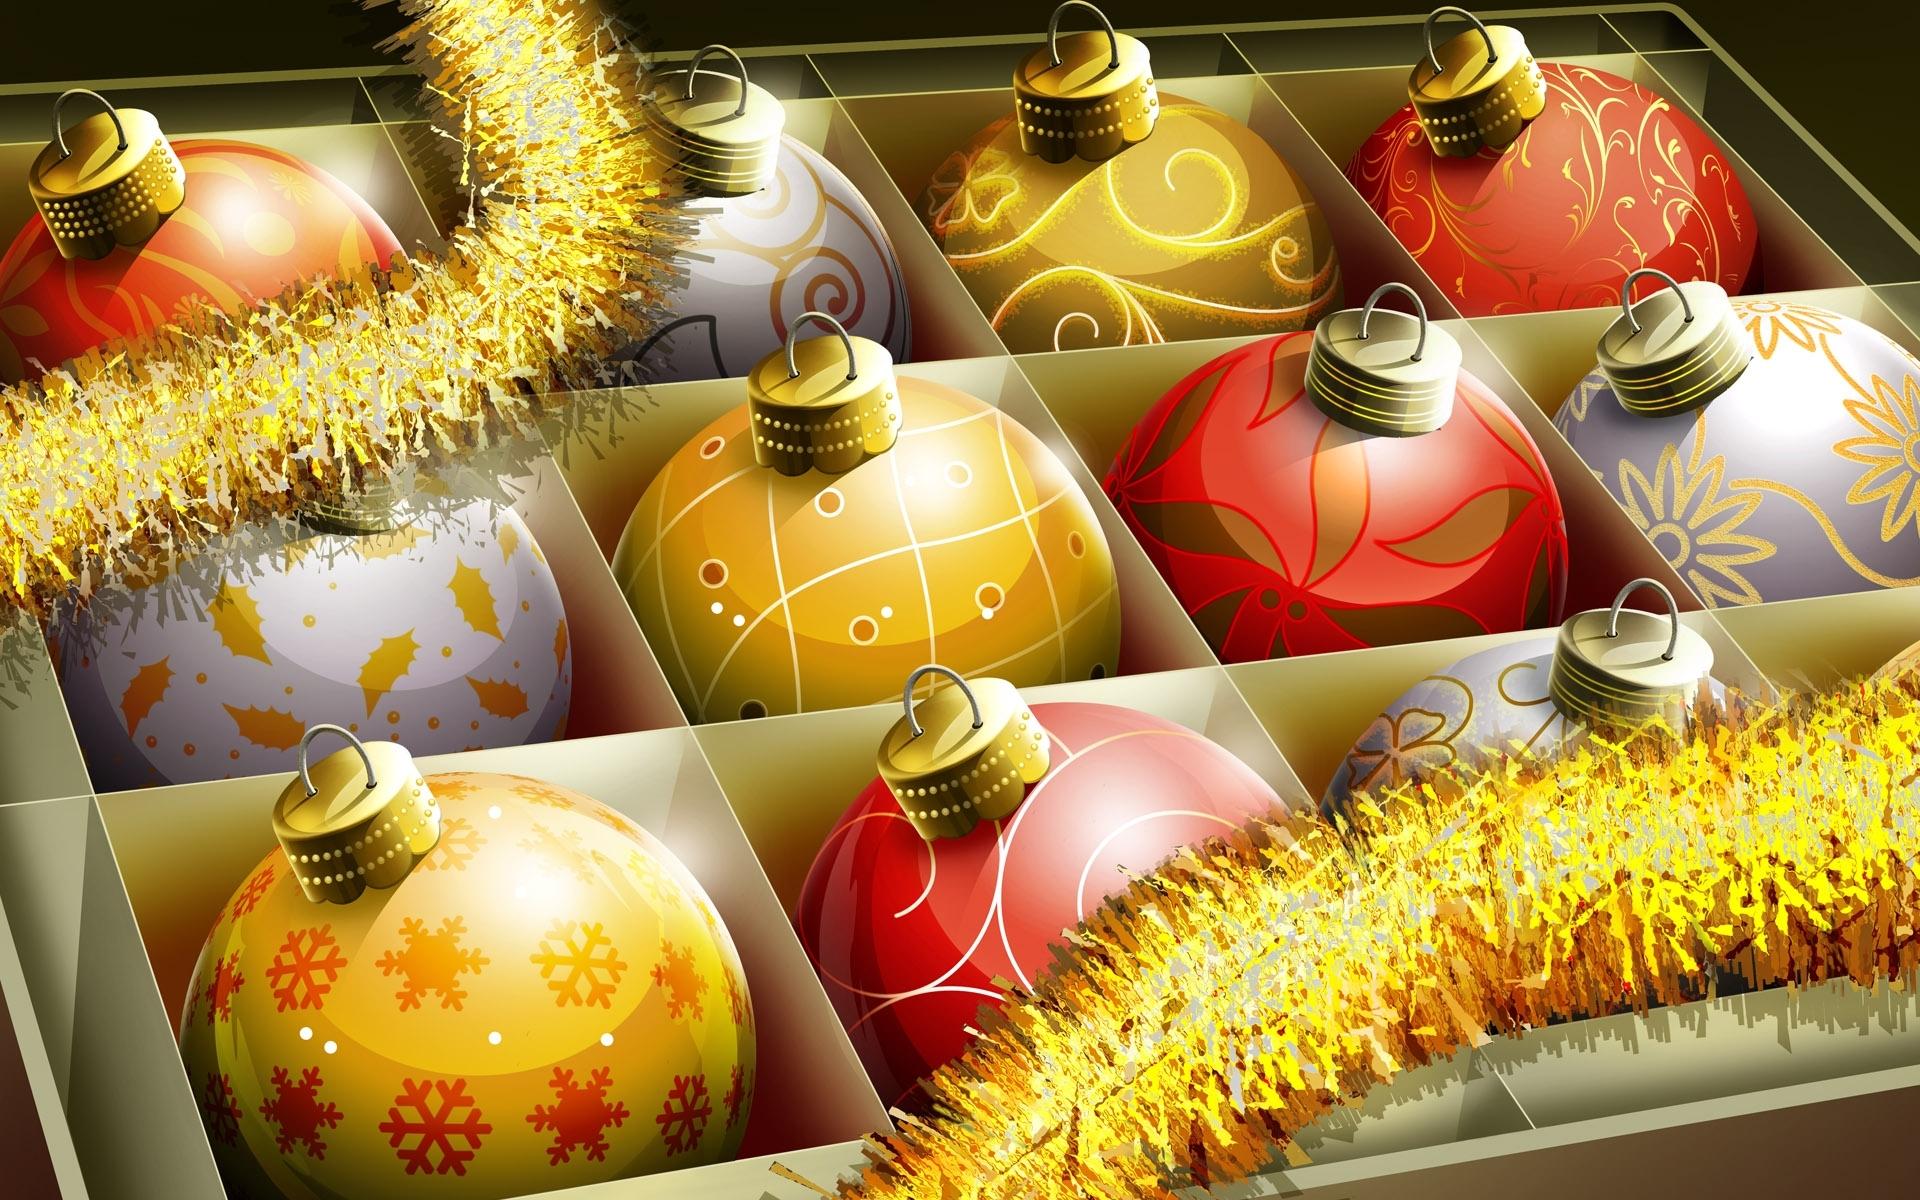 Descarga gratuita de fondo de pantalla para móvil de Navidad, Año Nuevo, Vacaciones.